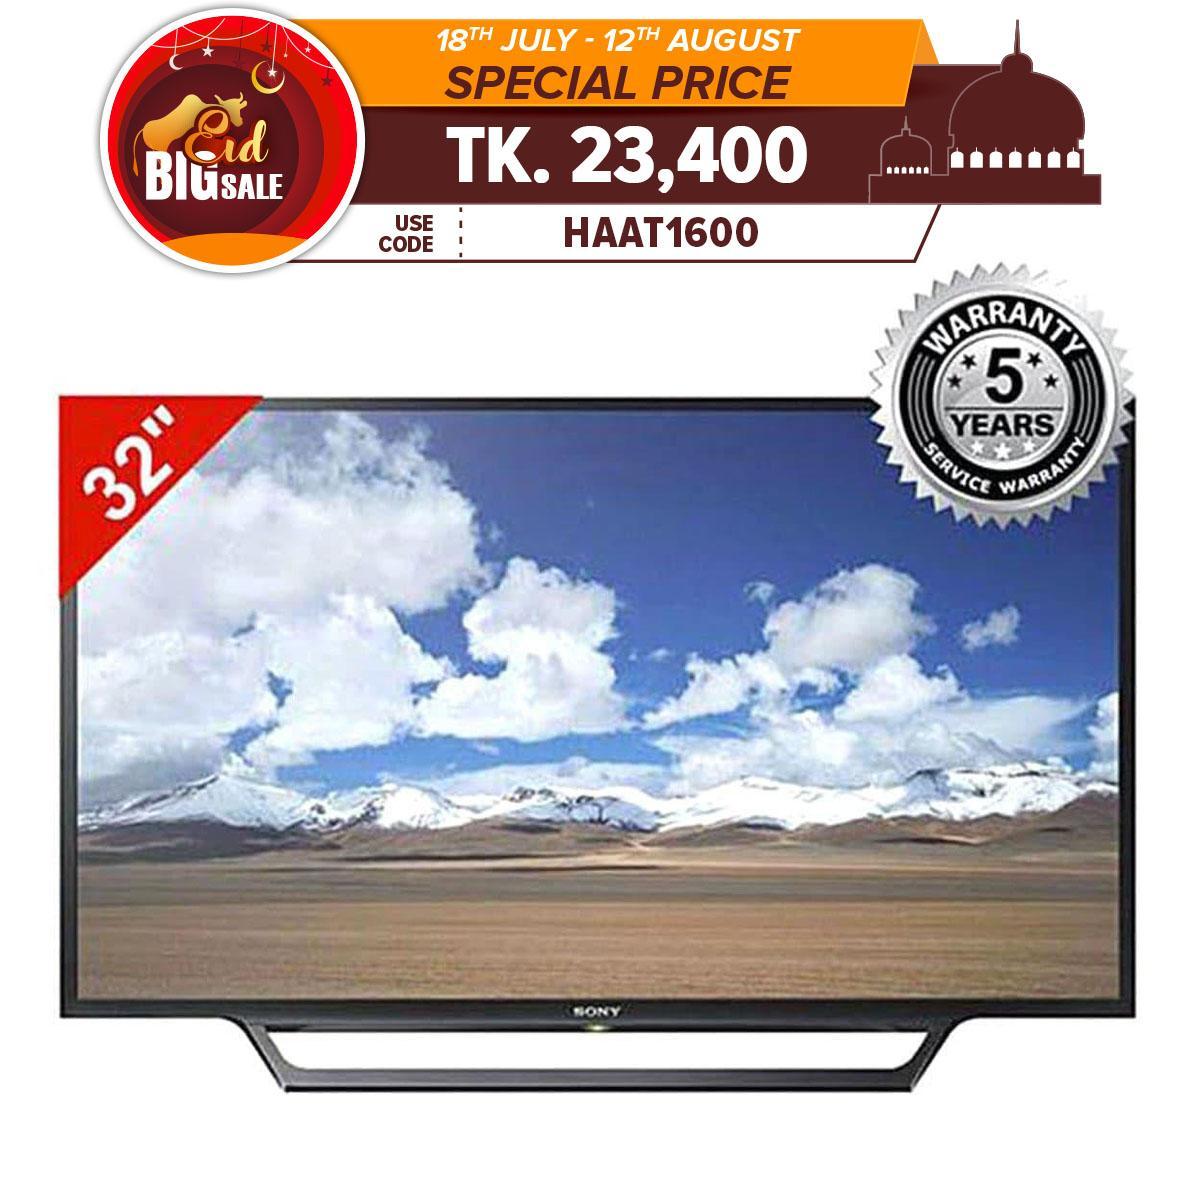 LED Internet TV 32'' KDL-W600D/W602D - Black